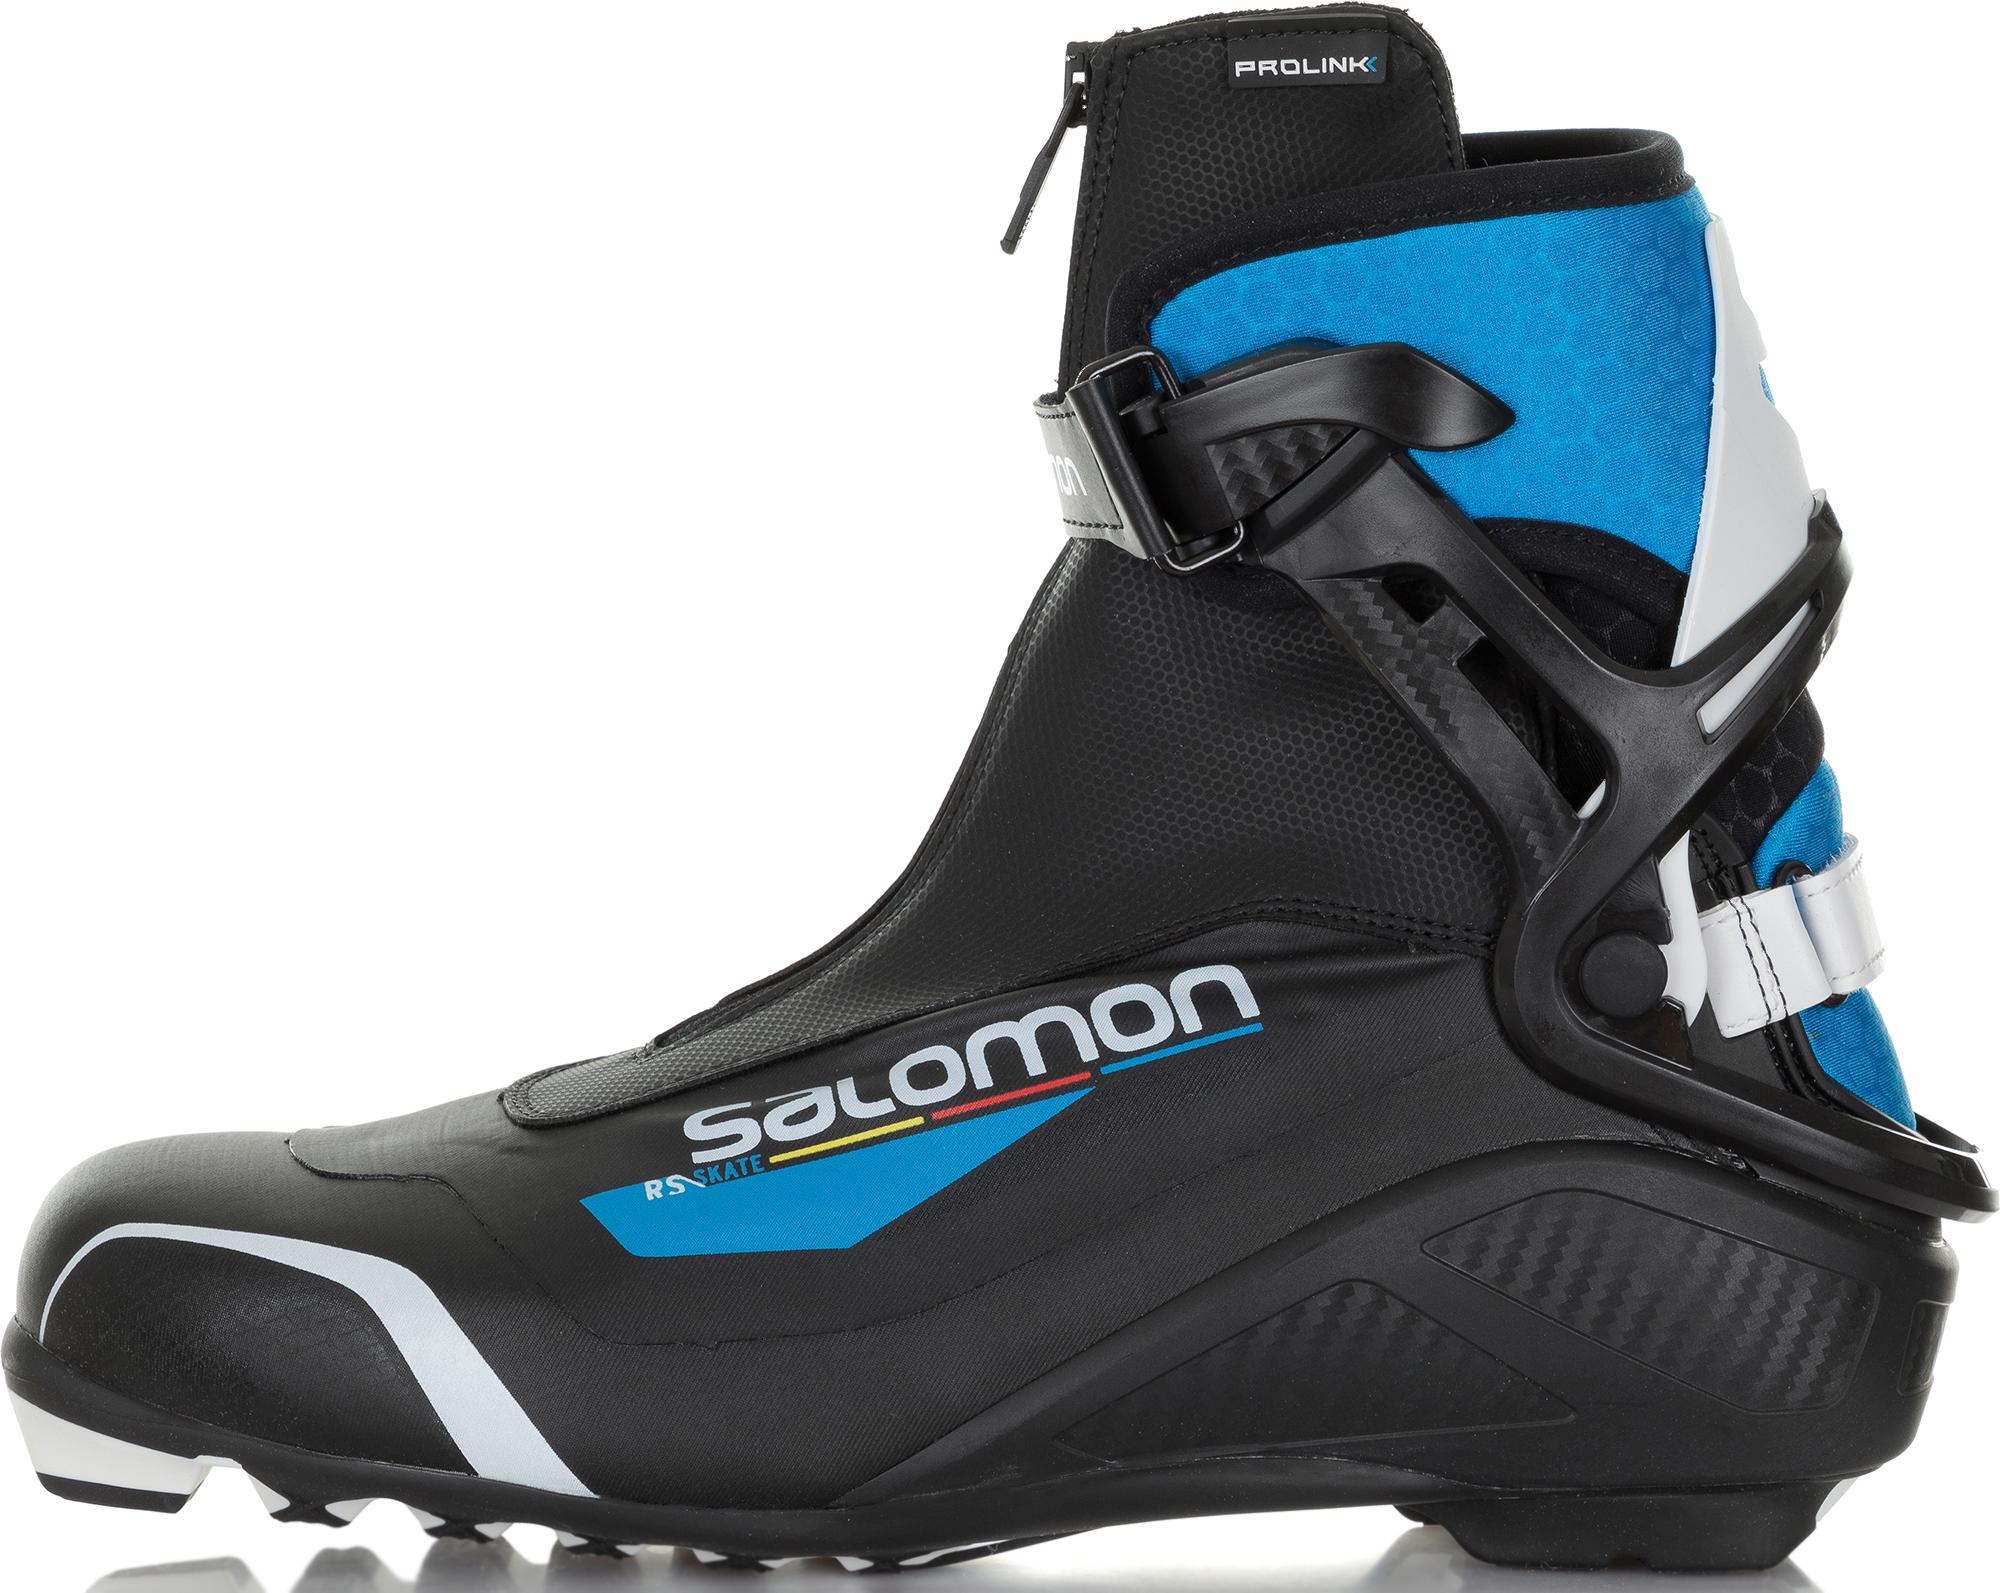 Salomon Ботинки для беговых лыж Salomon Rs Prolink, размер 44,5 крепления salomon salomon для беговых лыж auto женские